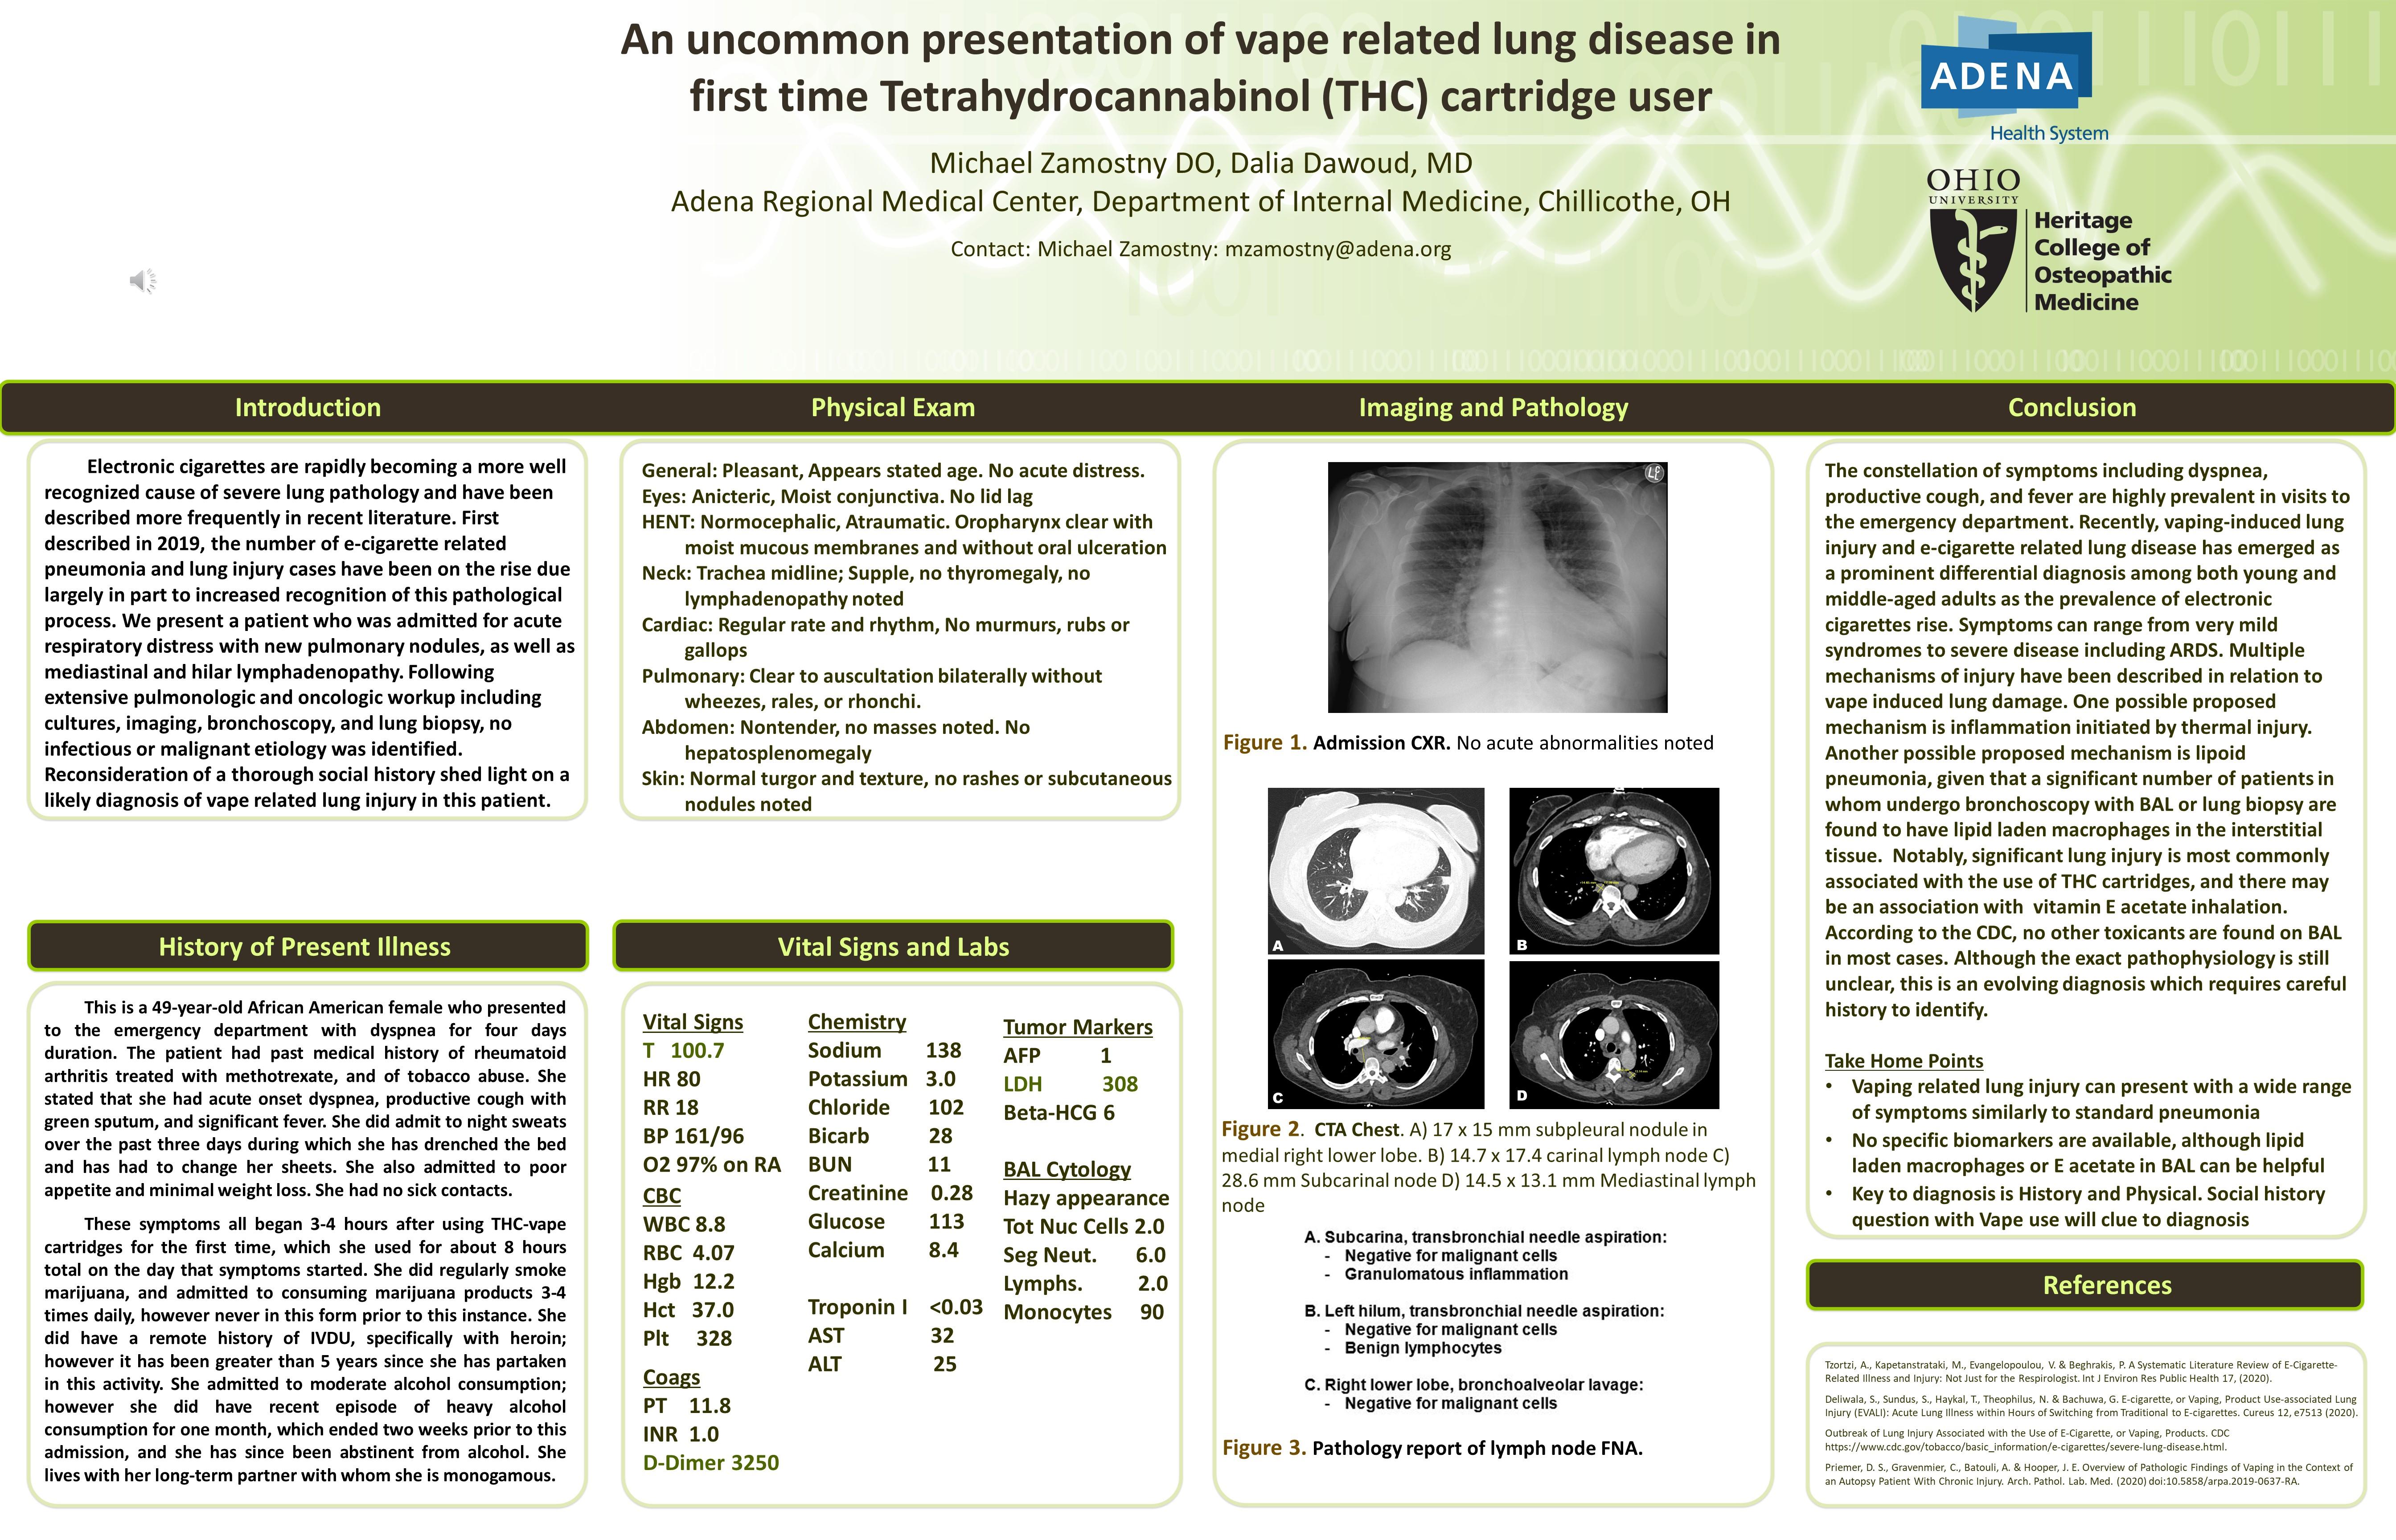 Case - Zamostny - Vape lung injury-JPG